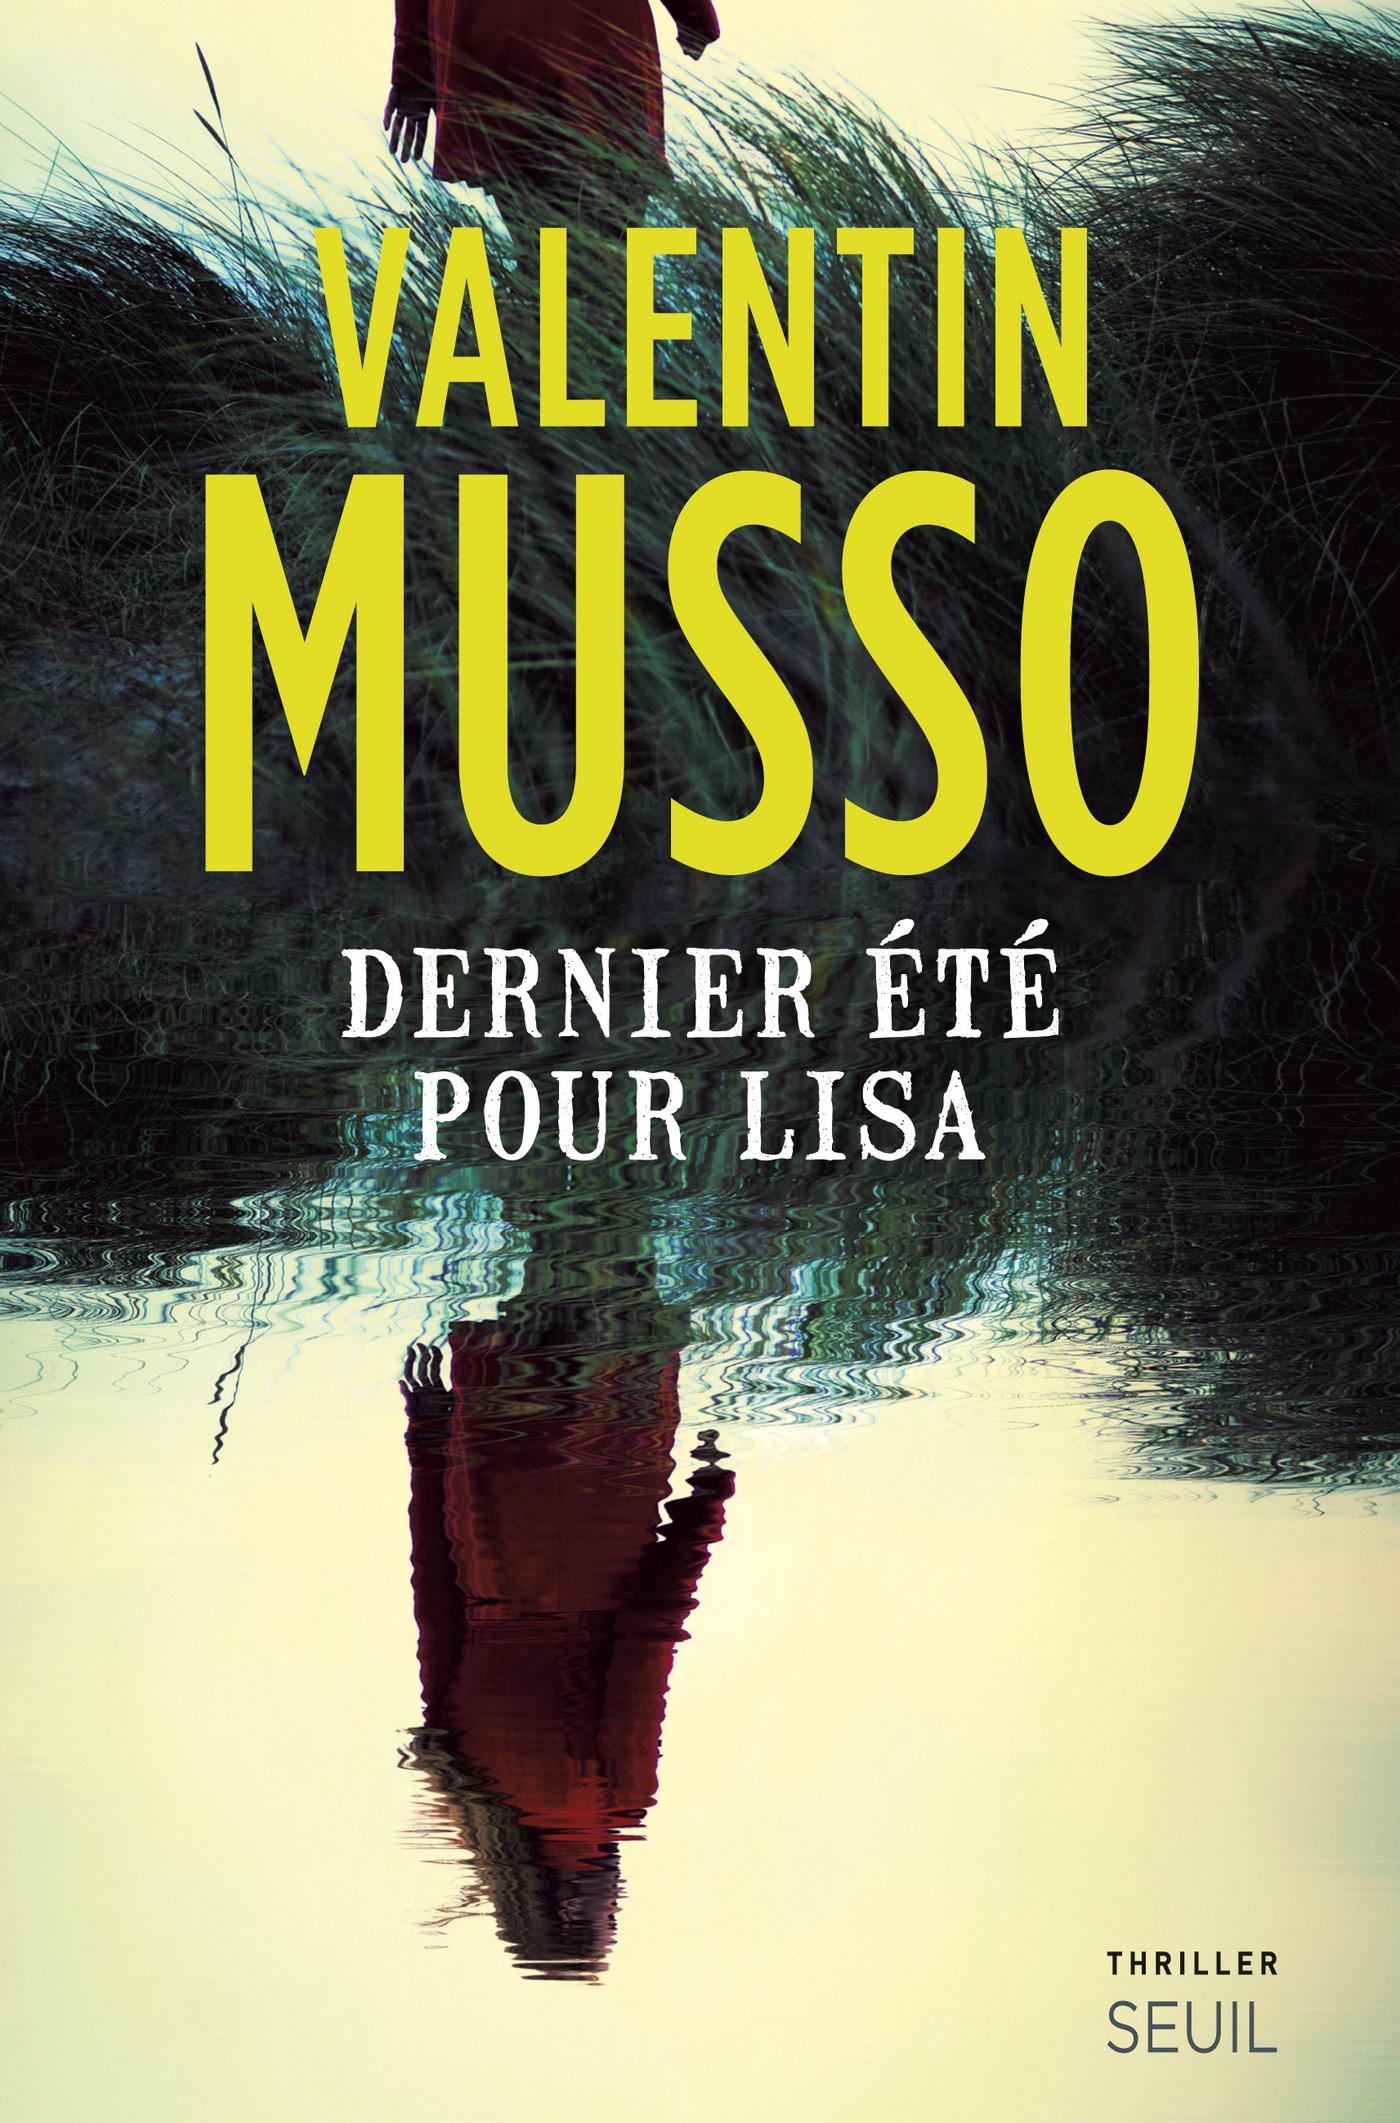 Dernier été pour Lisa | Musso, Valentin